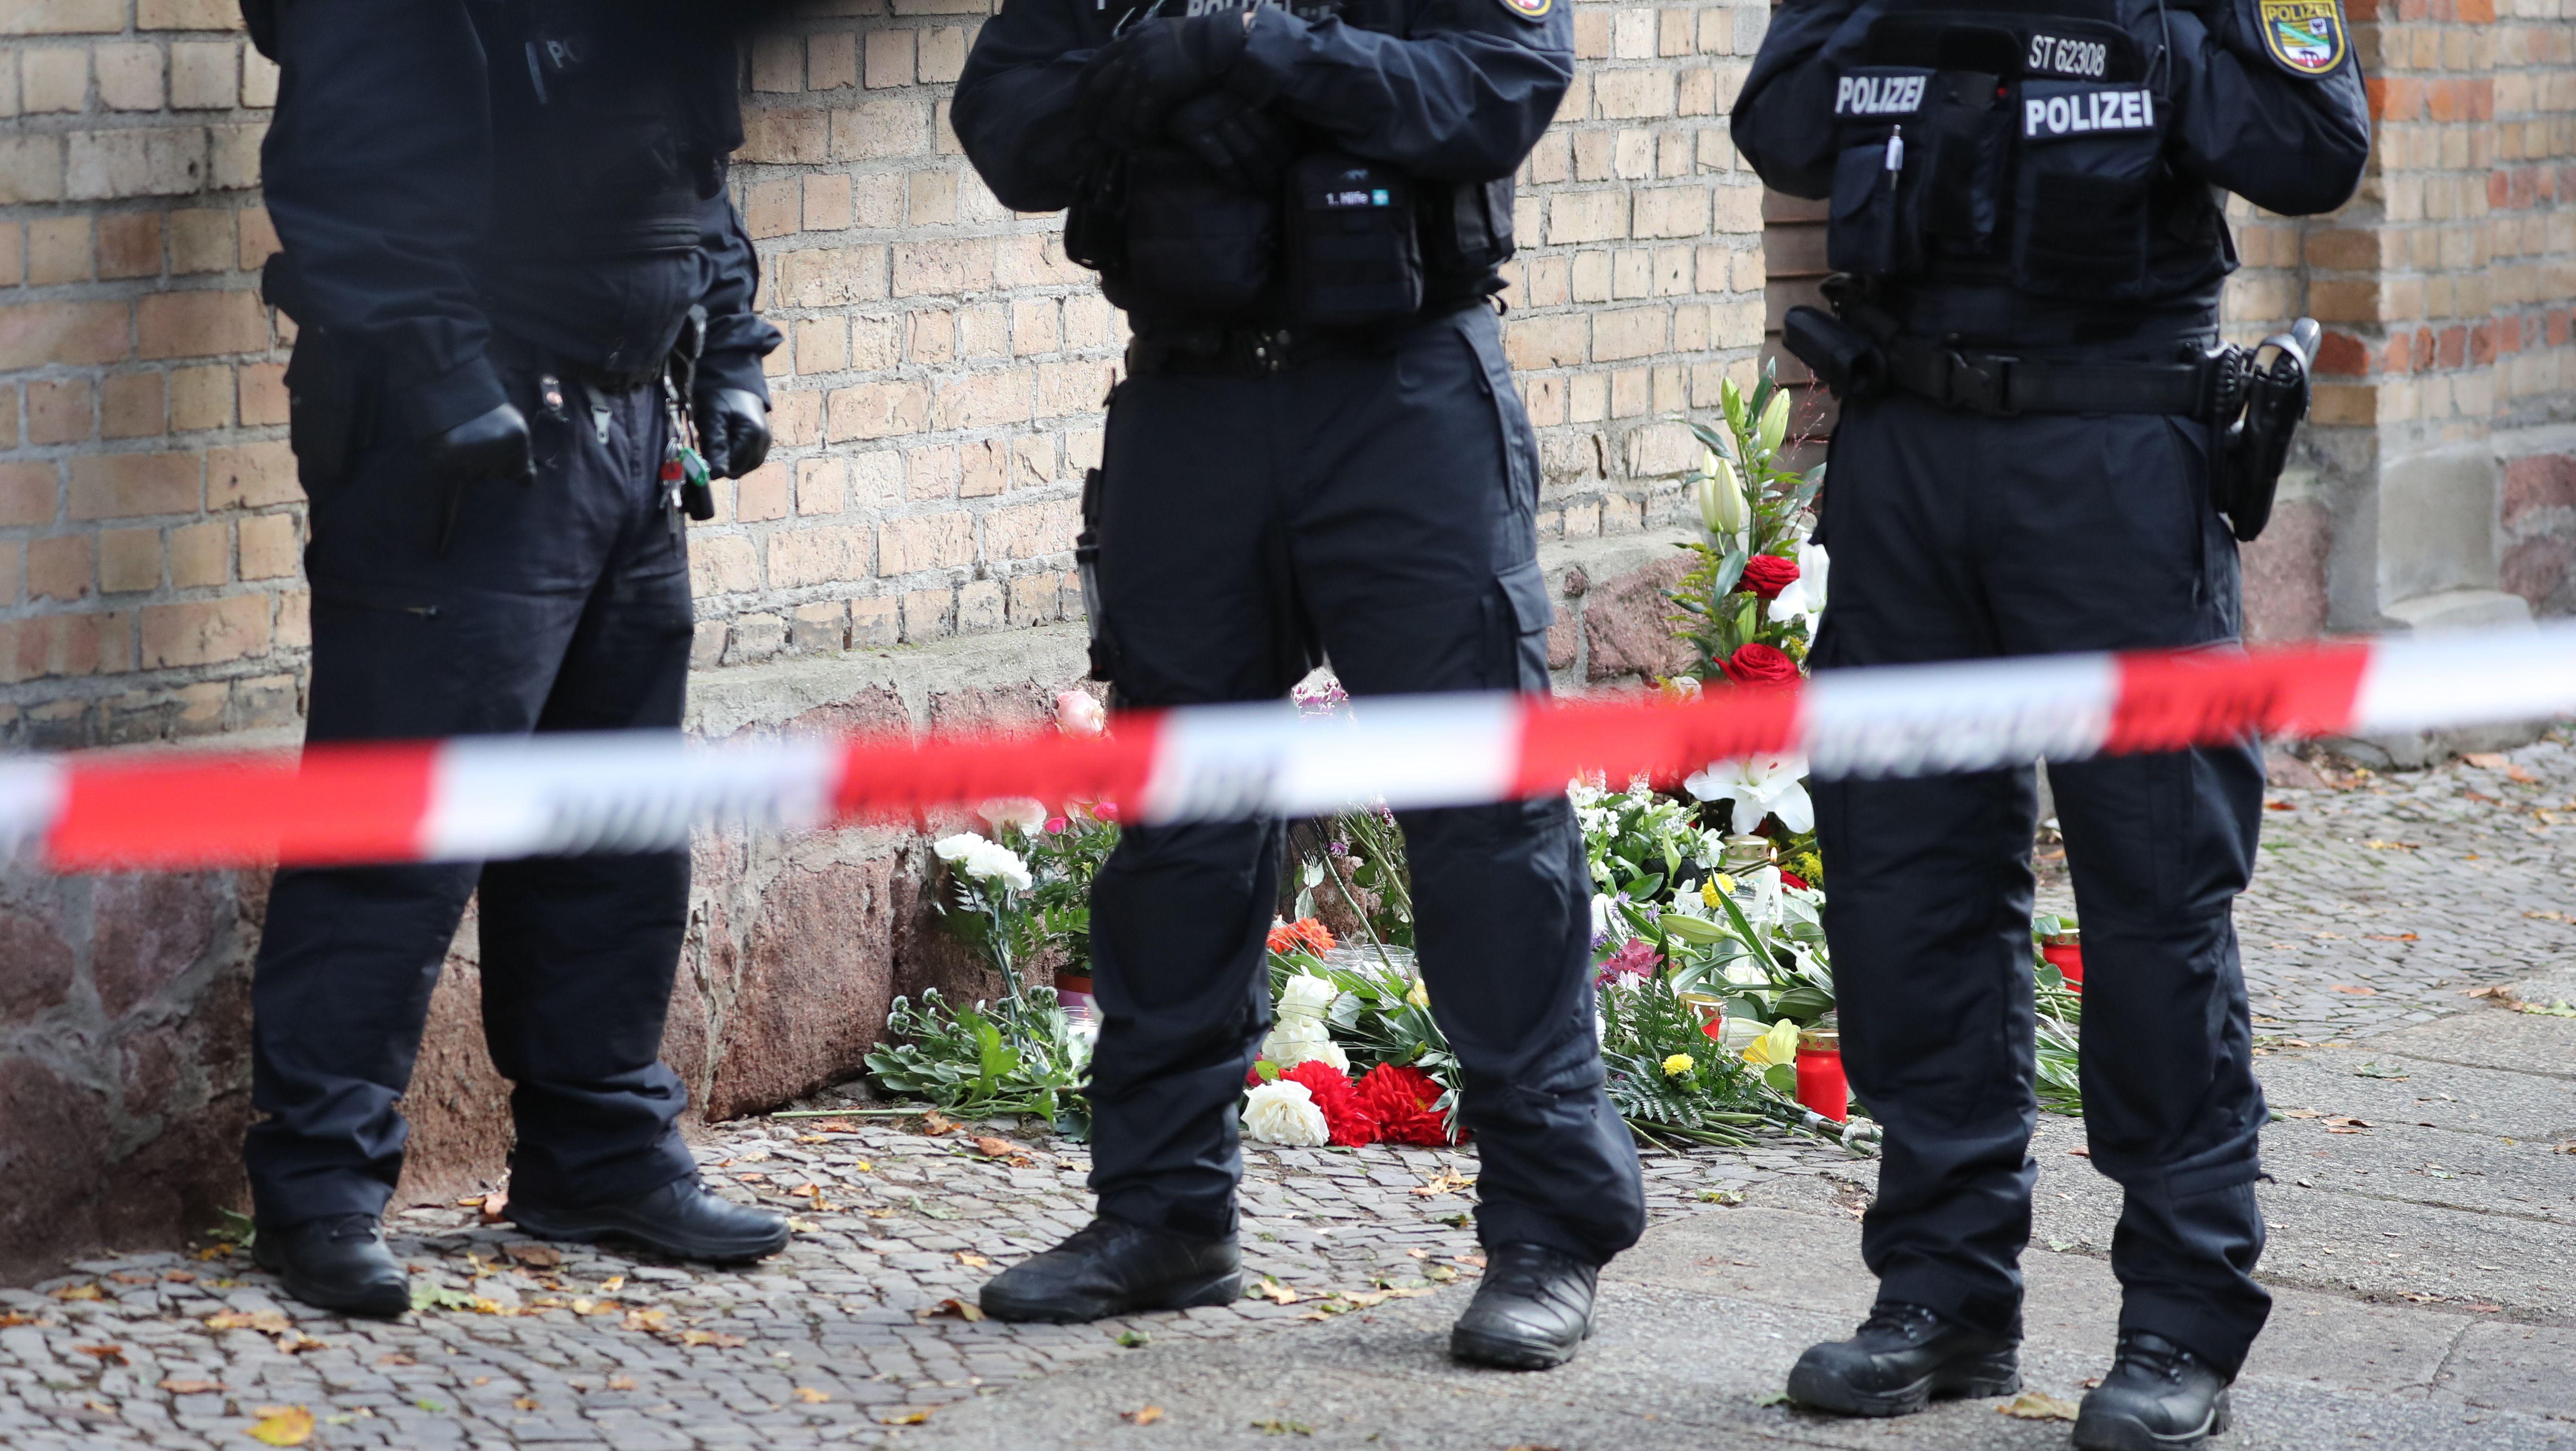 10.10.2019, Sachsen-Anhalt, Halle: Polizisten sichern den Bereich vor der Synagoge.